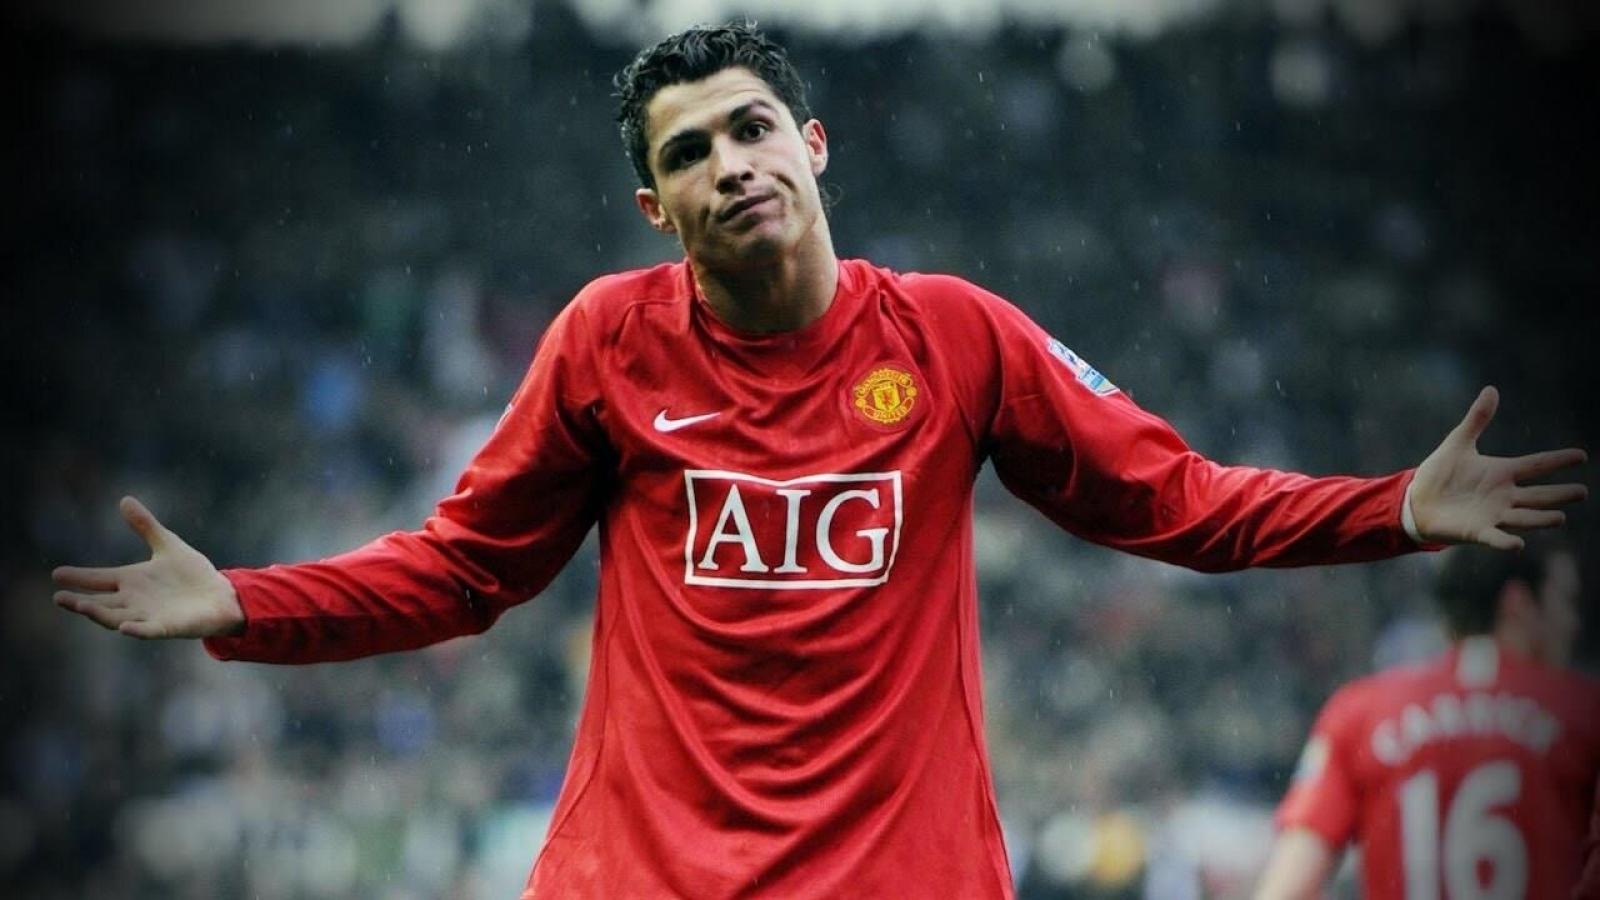 Sốc: MU trả góp khoản phí chuyển nhượng Ronaldo trong 5 năm